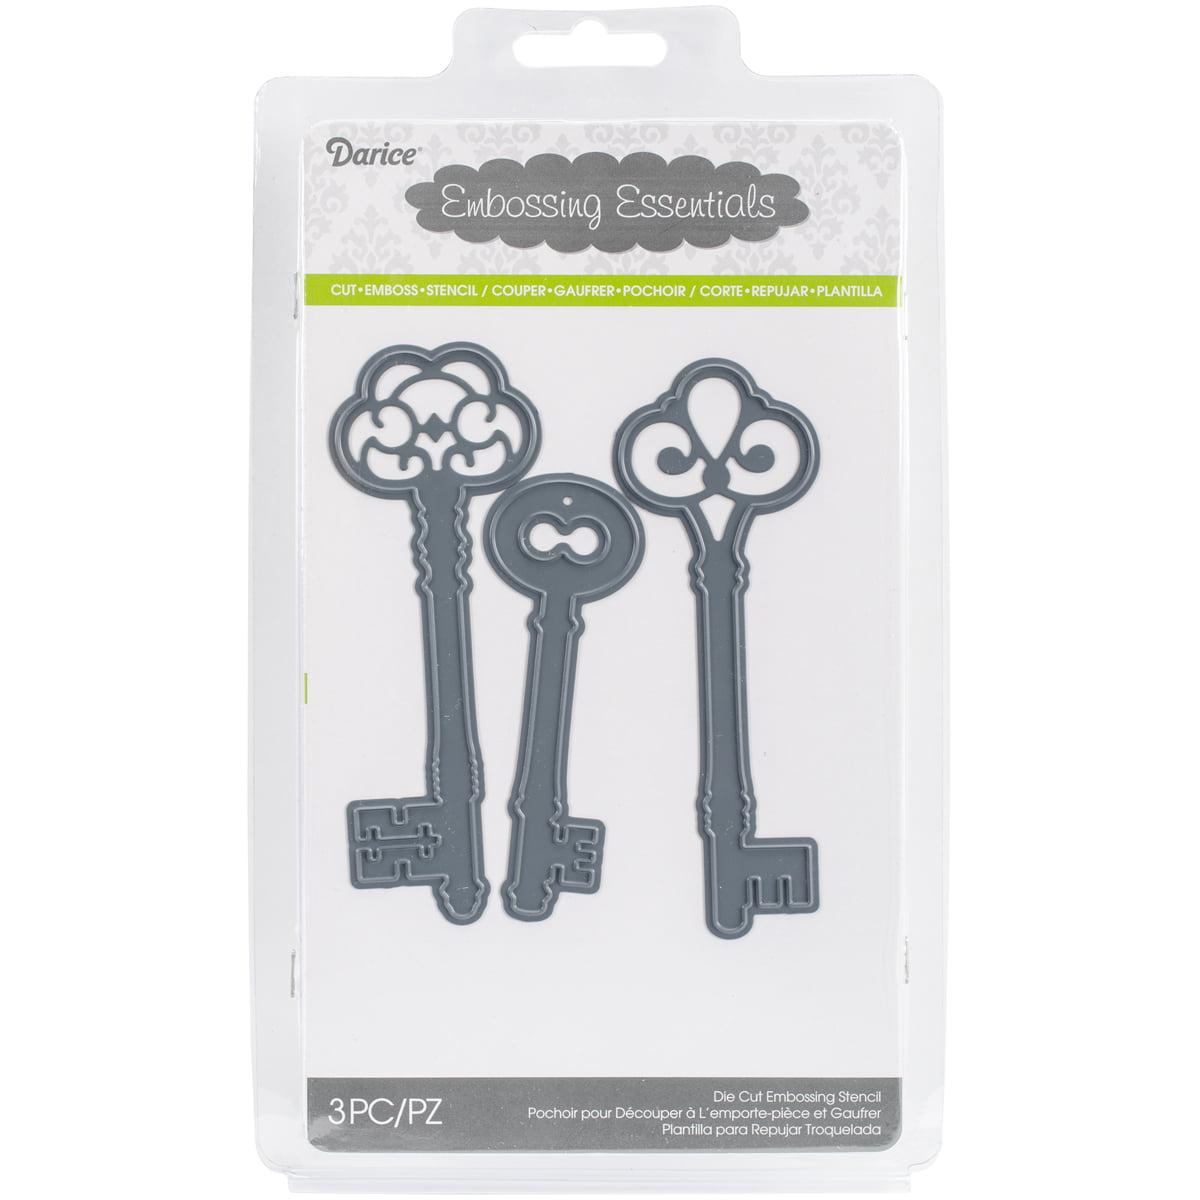 Darice Embossing Essentials Dies Keys